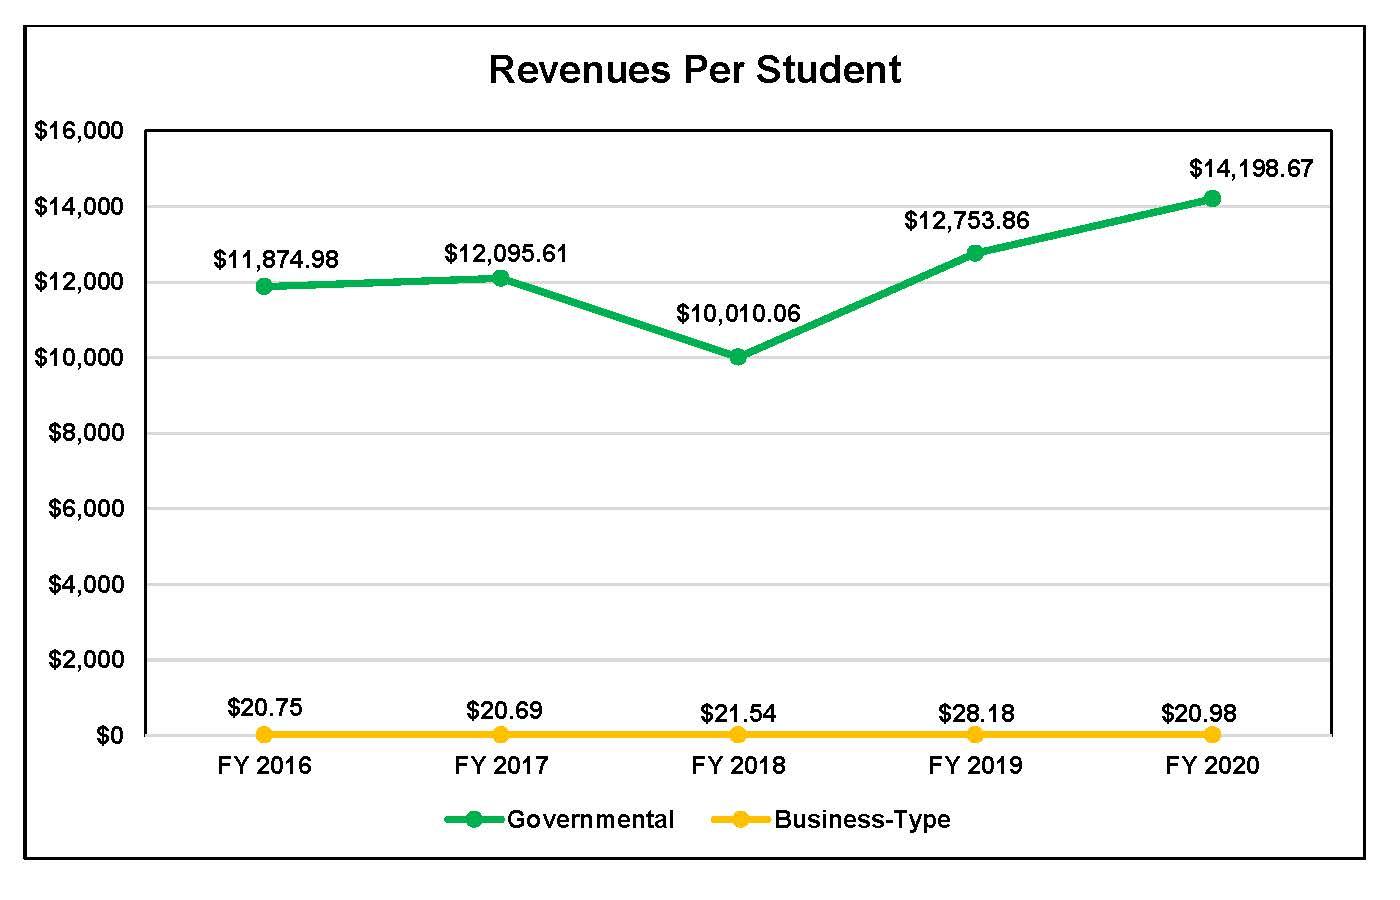 Revenue Per Student